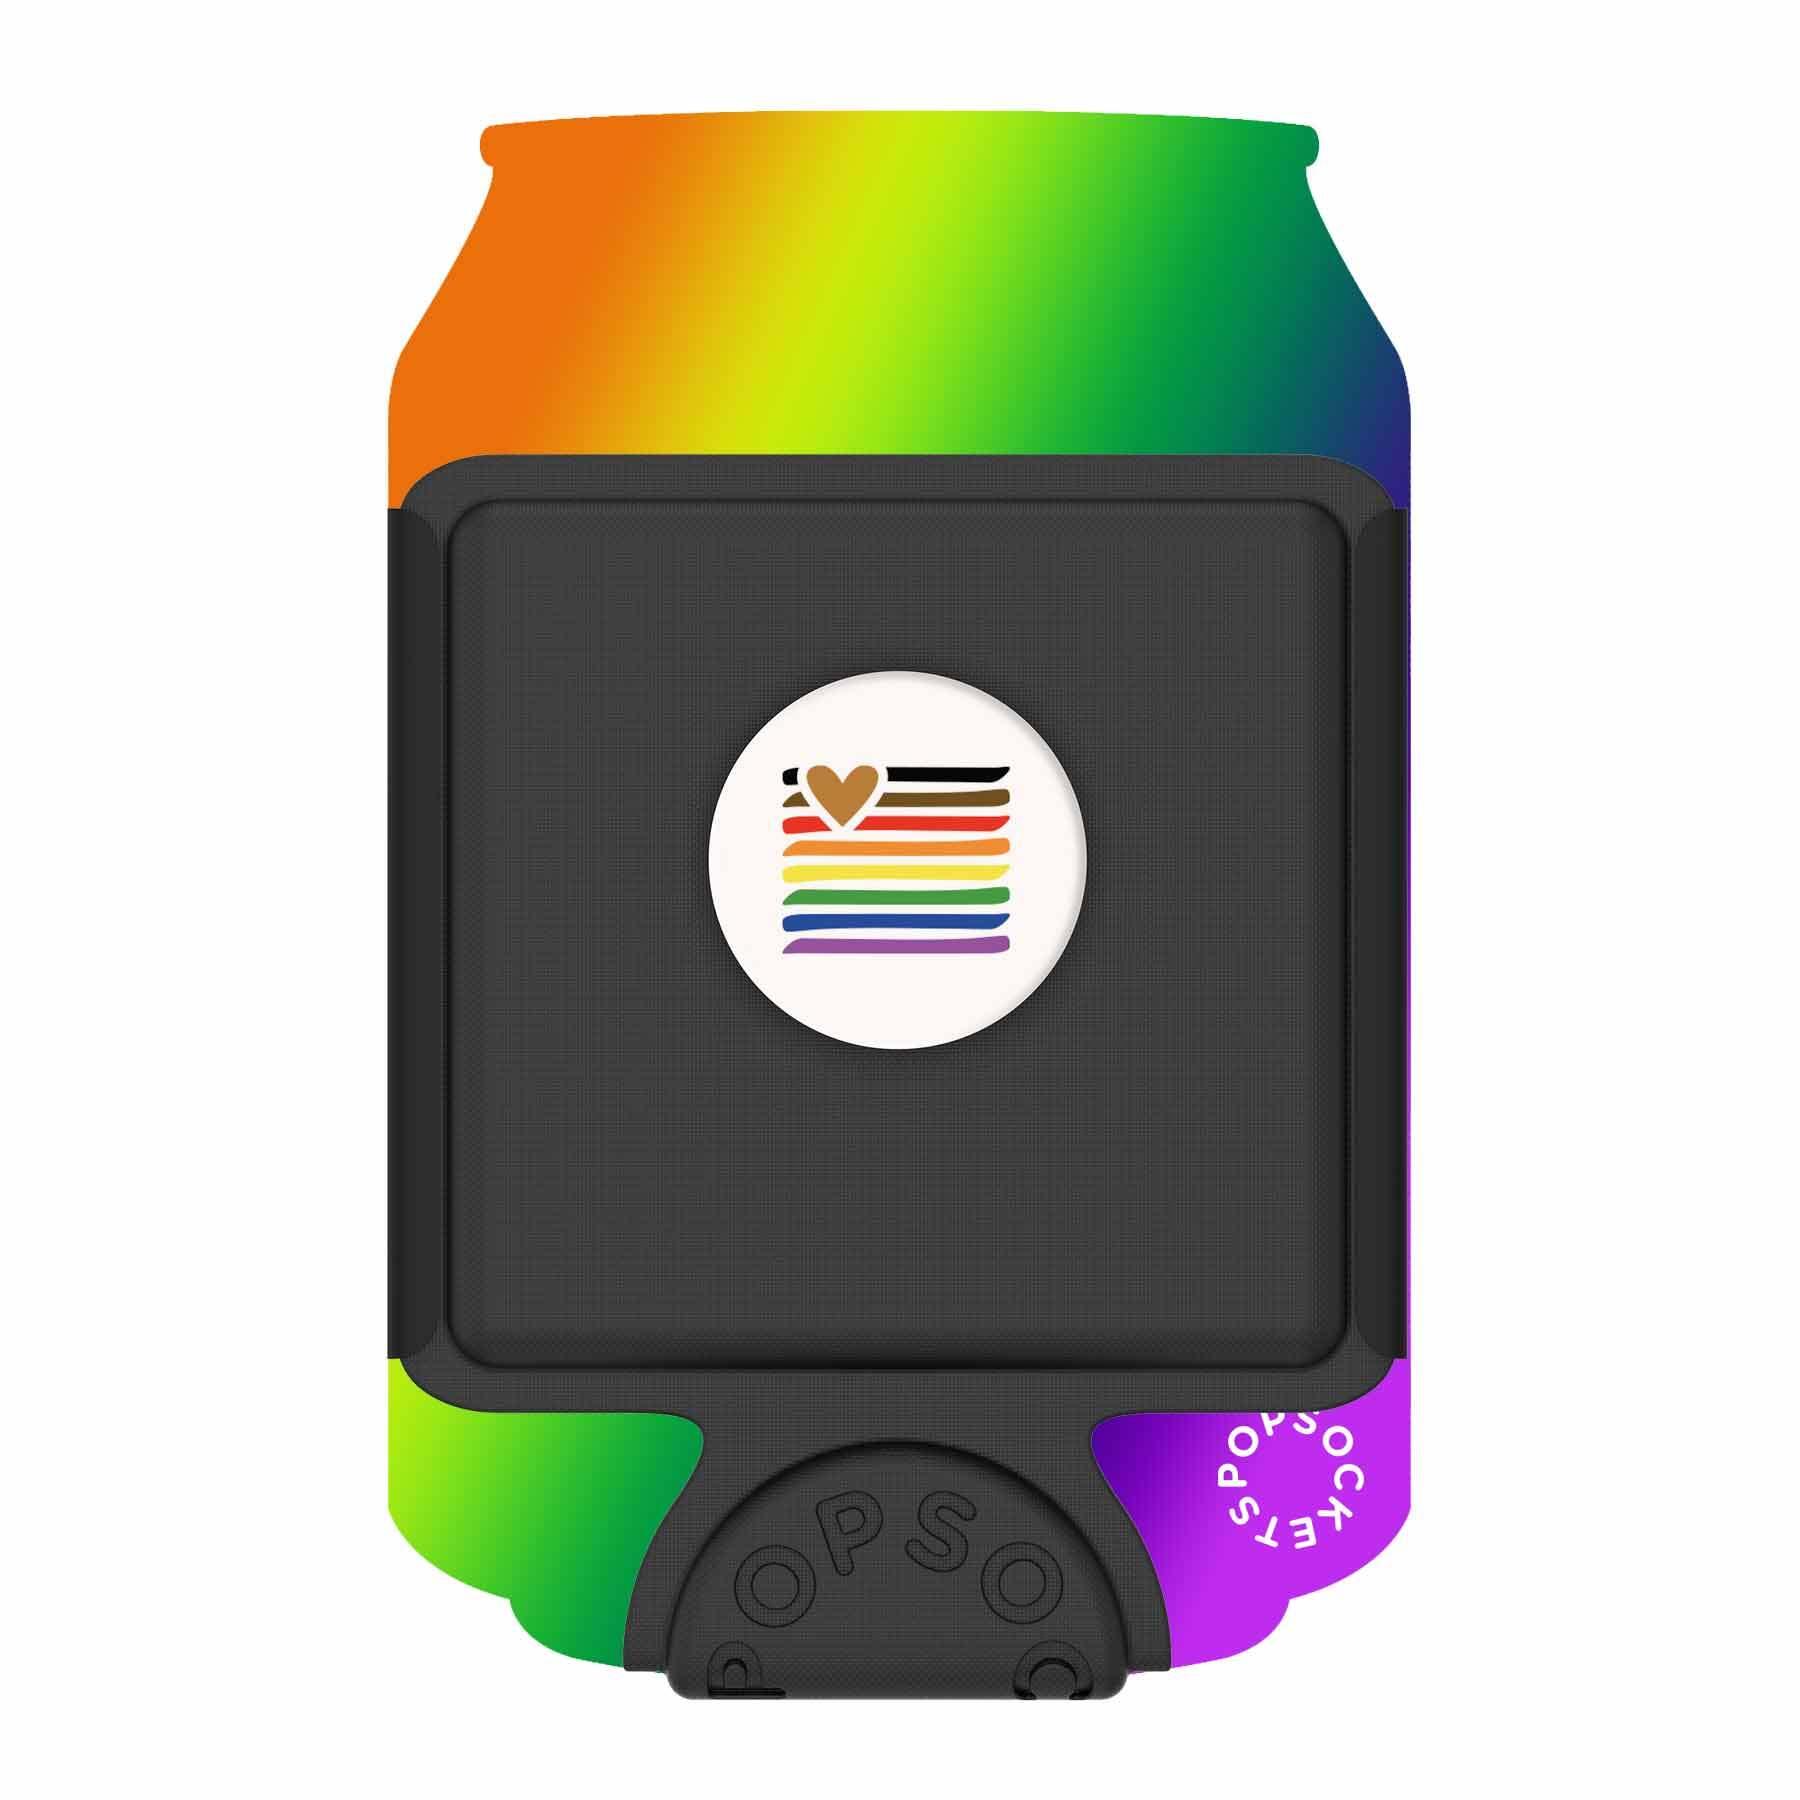 315555 popthirst can holder custom backer card full color full bleed imprint on popsocket